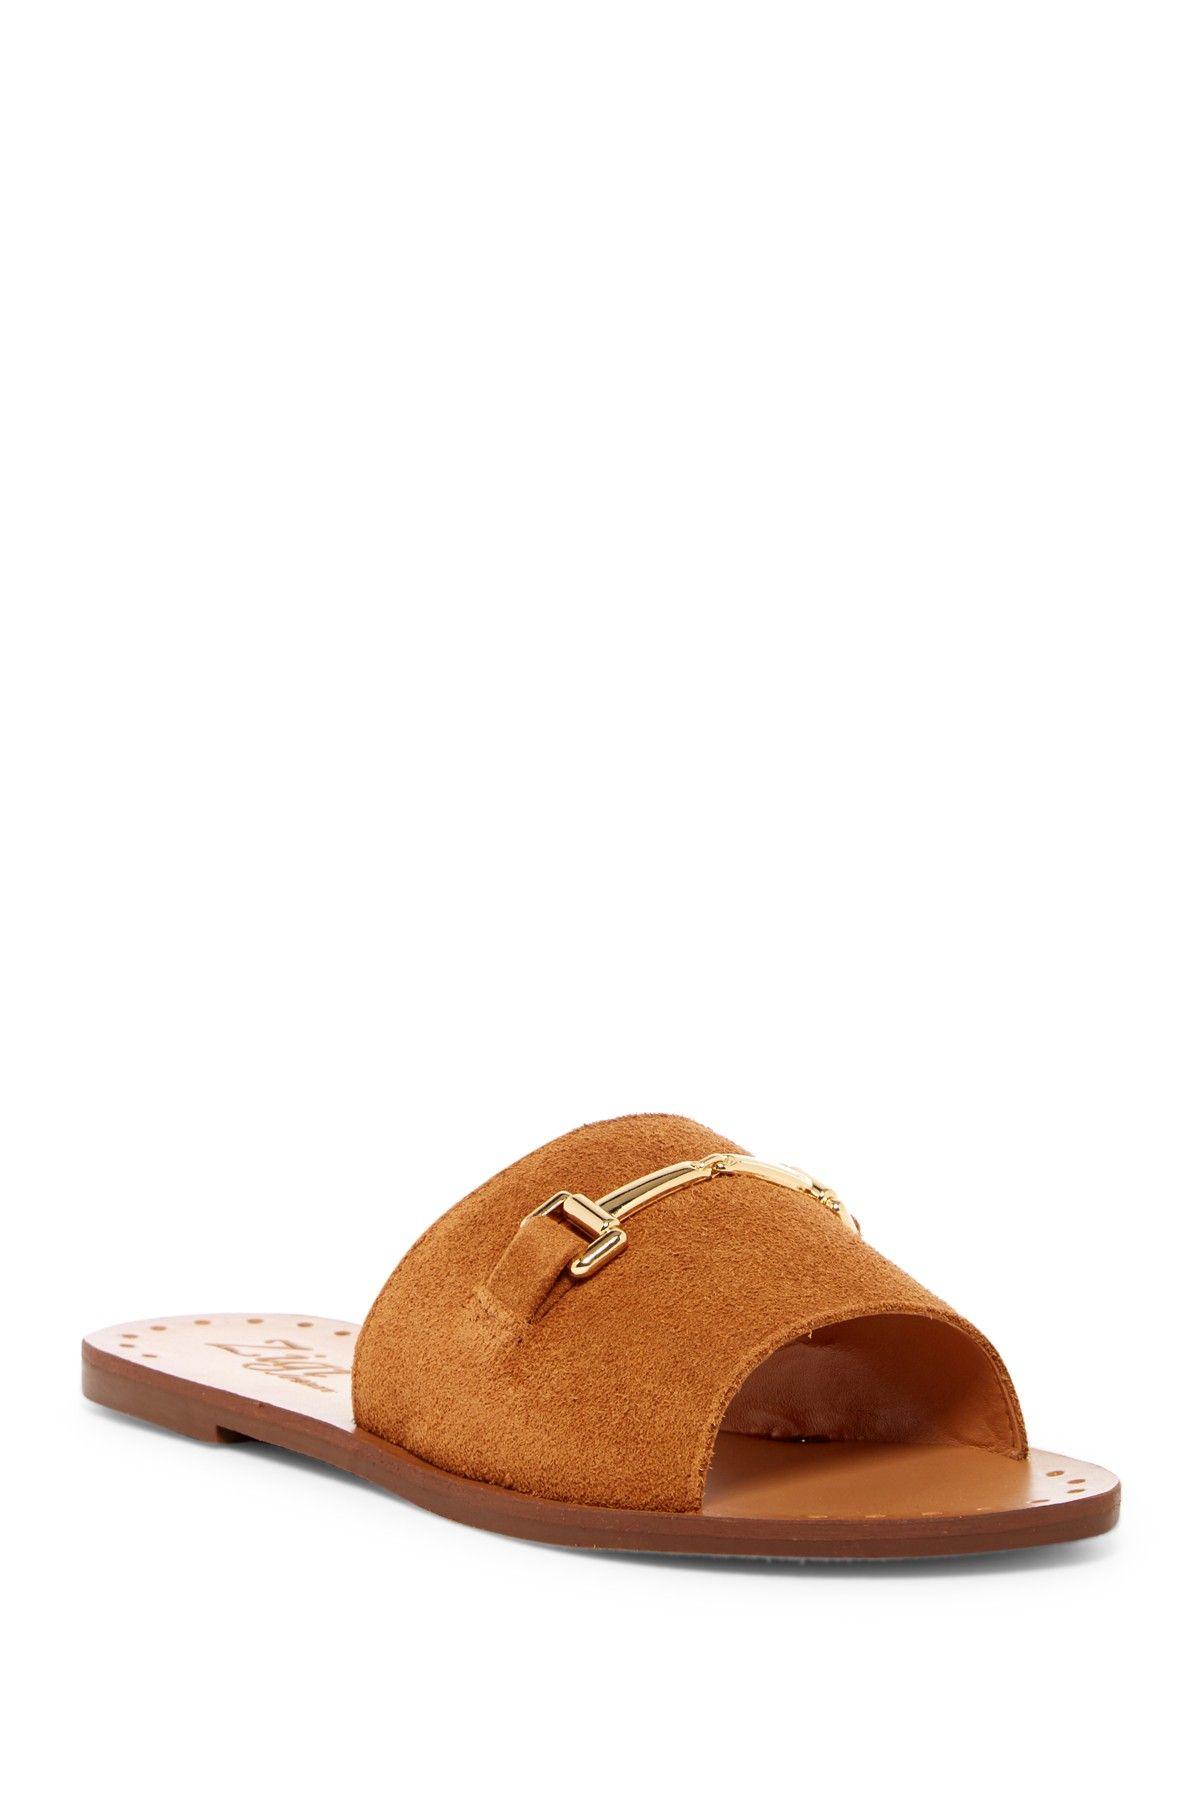 Zigi Soho | Farran Slide Sandal | Slide sandals, Sandals